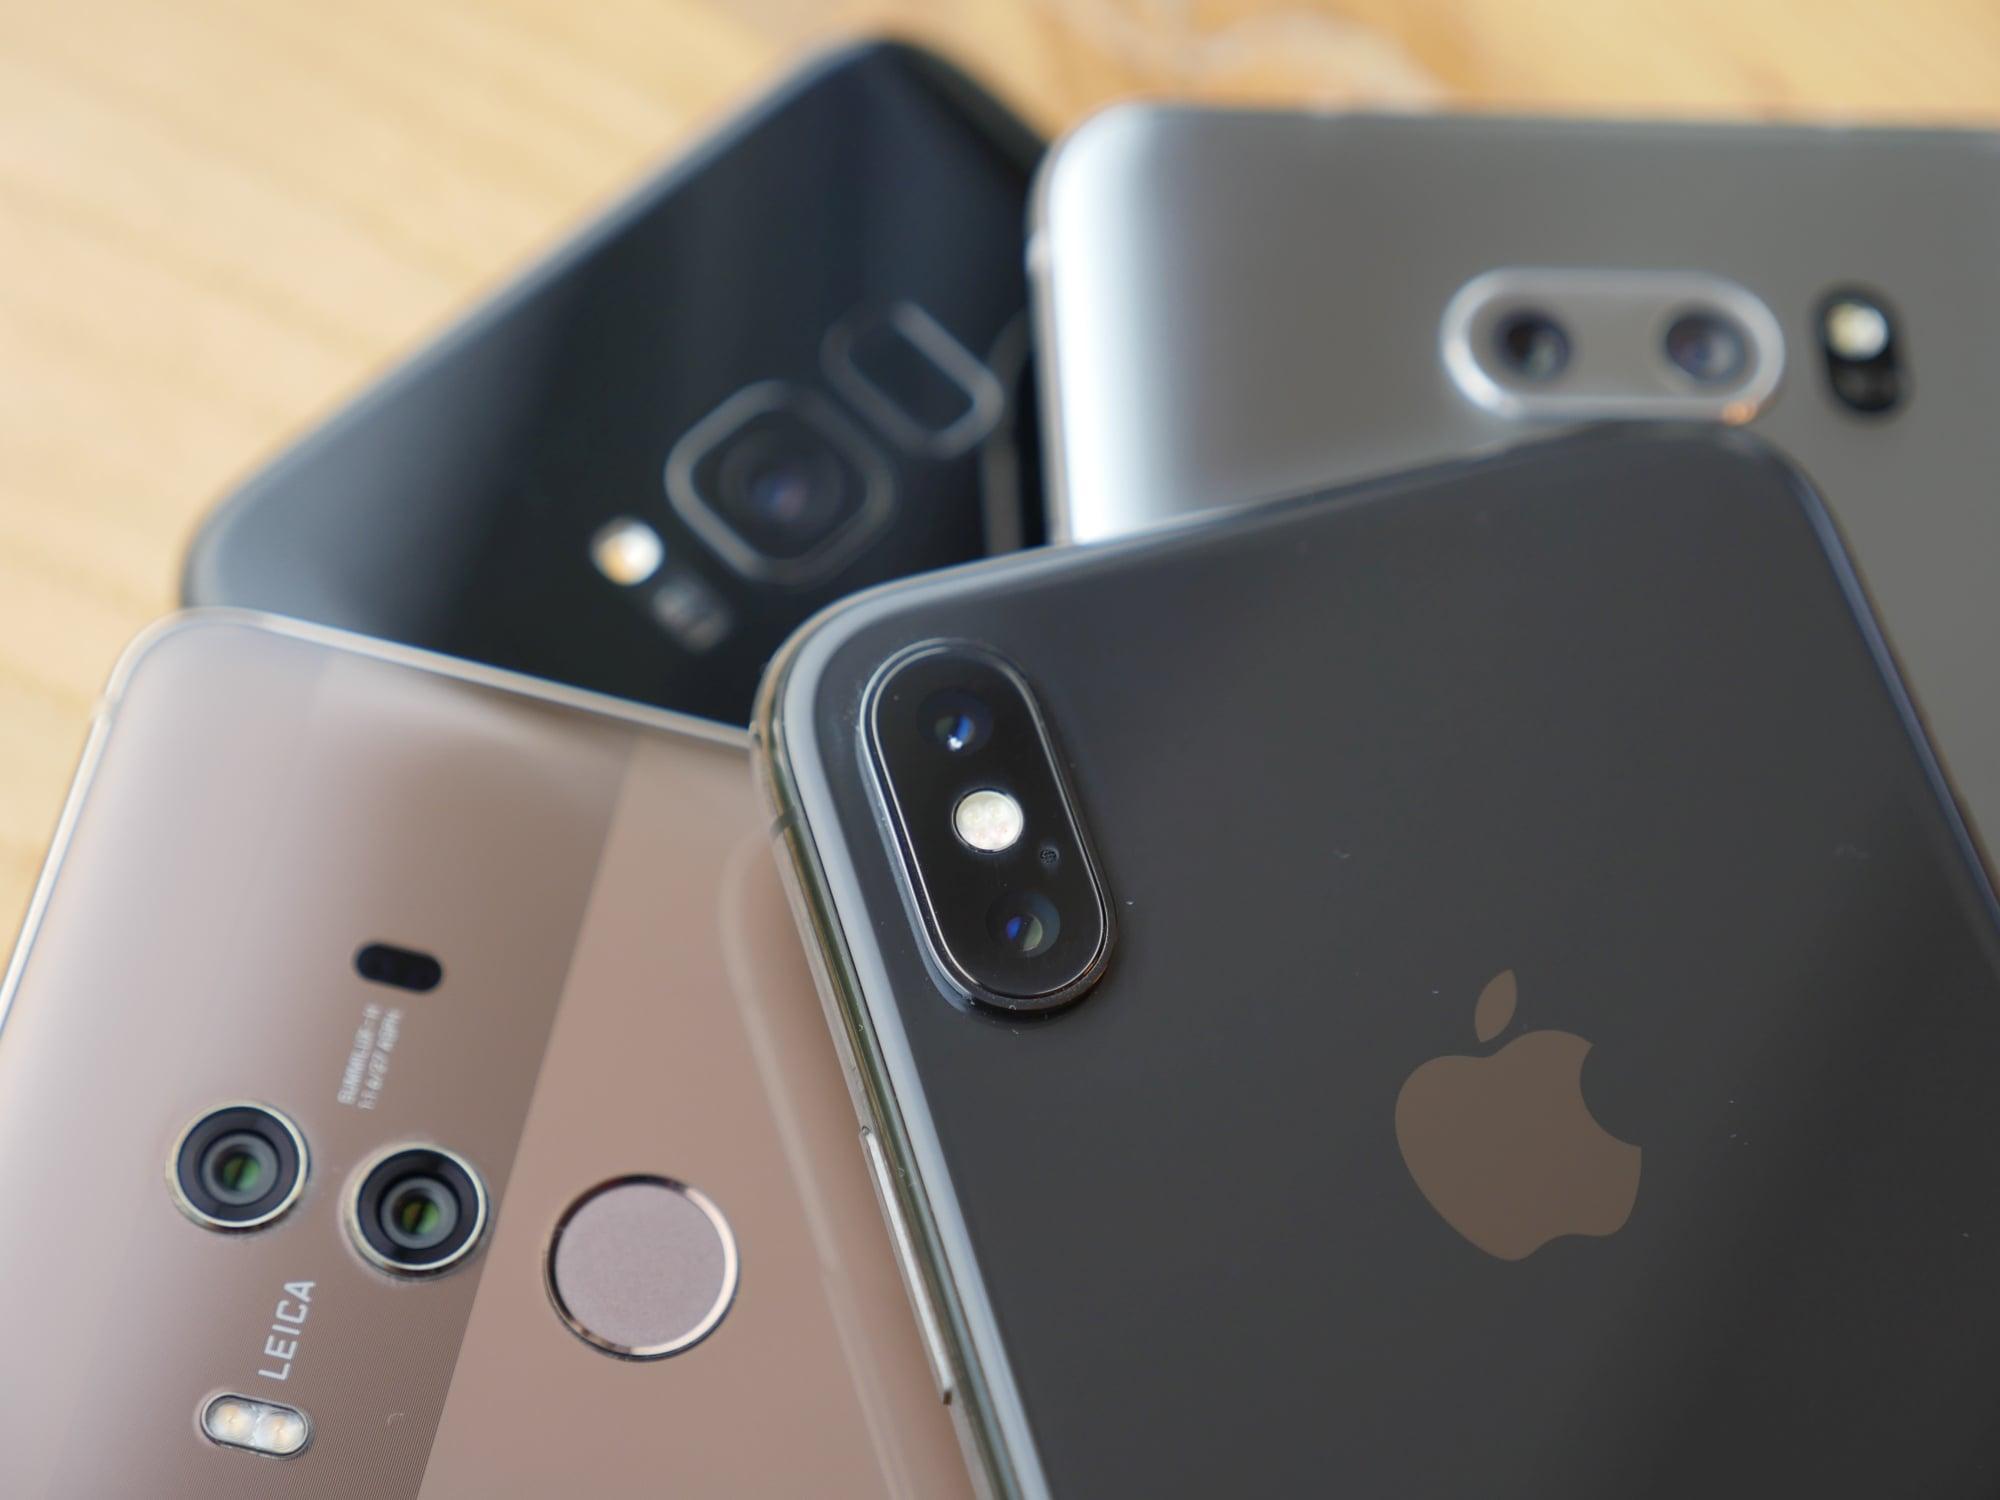 Przemyślenia po CESie, czyli jaki powinien być smartfon idealny? 2